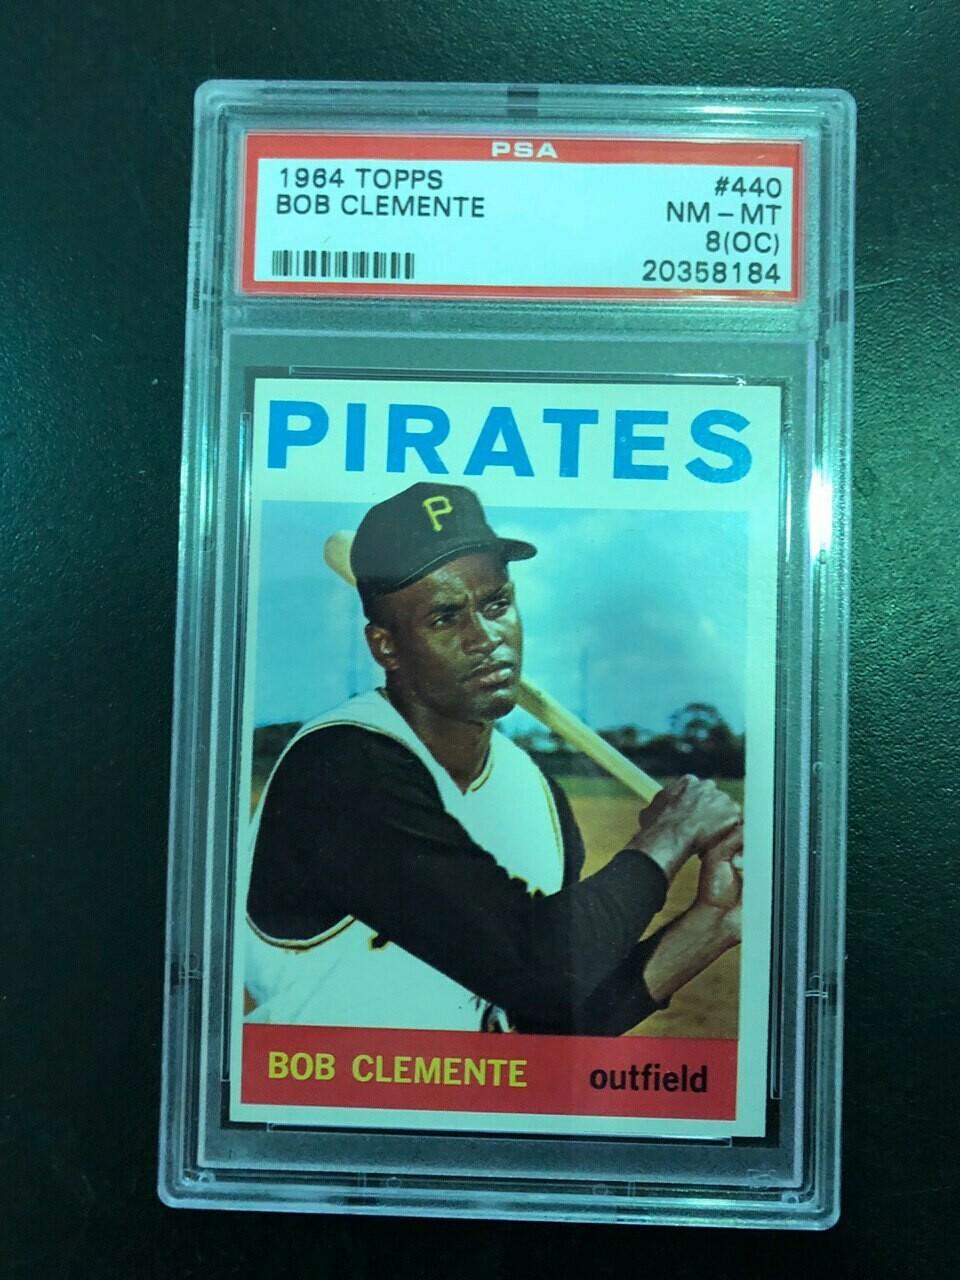 1964 Topps #440 Roberto Clemente PSA graded 8oc, $250